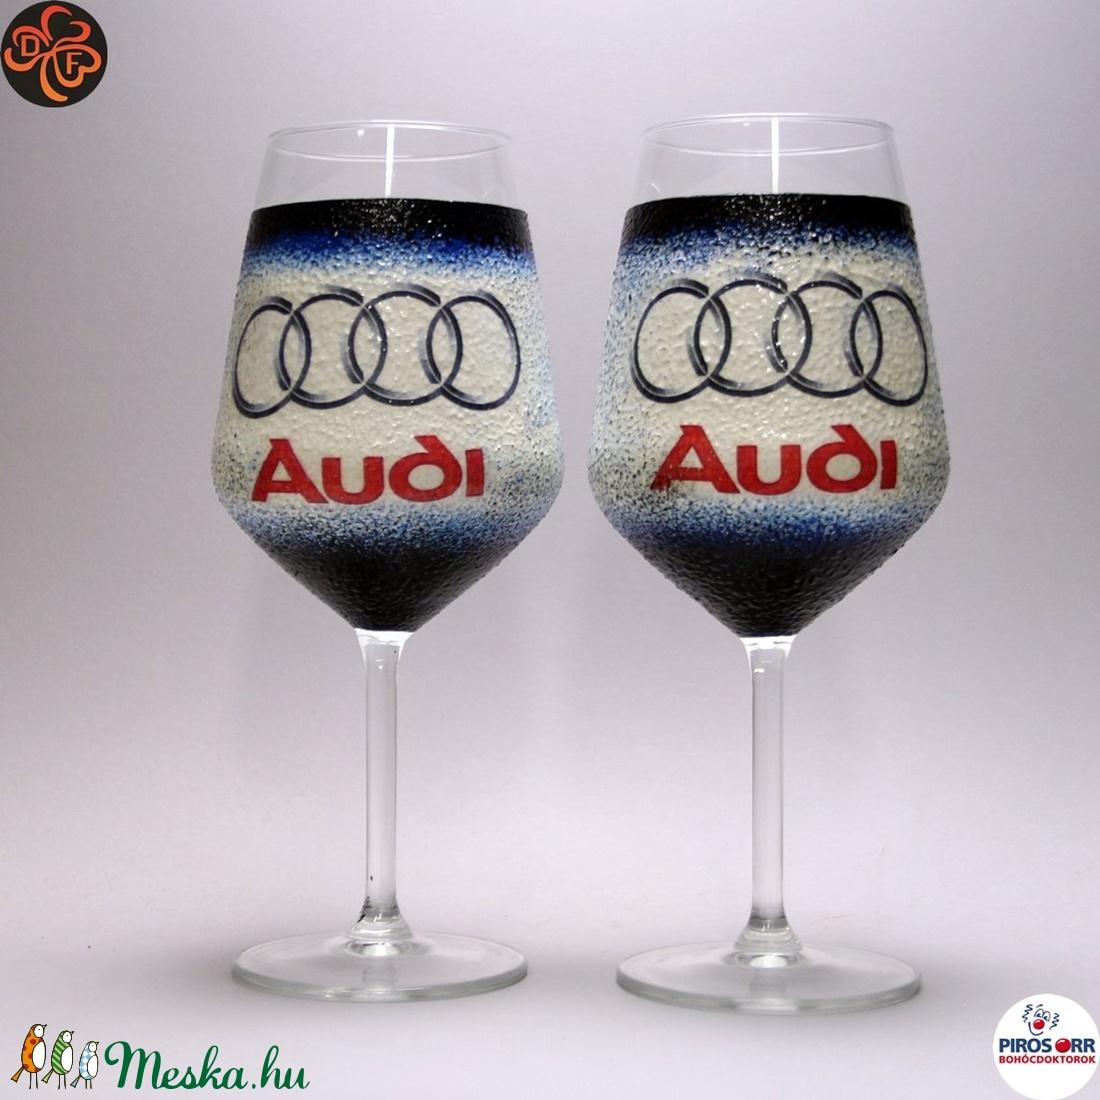 Audi borospohár ; Audi rajongóknak (decorfantasy) - Meska.hu